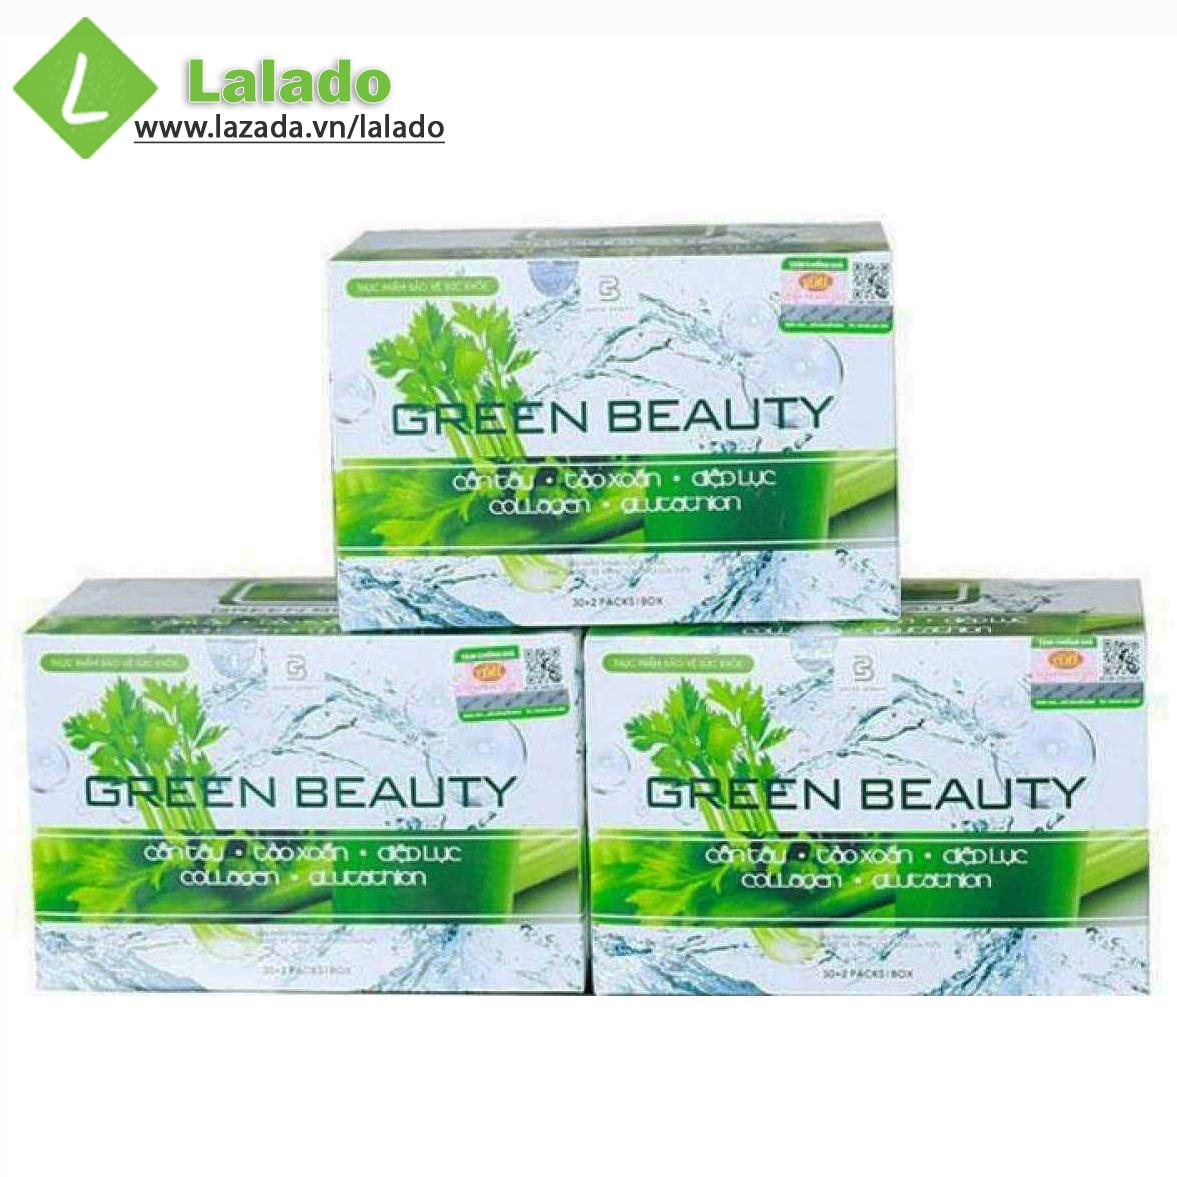 Nước ép Cần Tây Green Beauty Hộp 32 Gói Giá Rất Tiết Kiệm